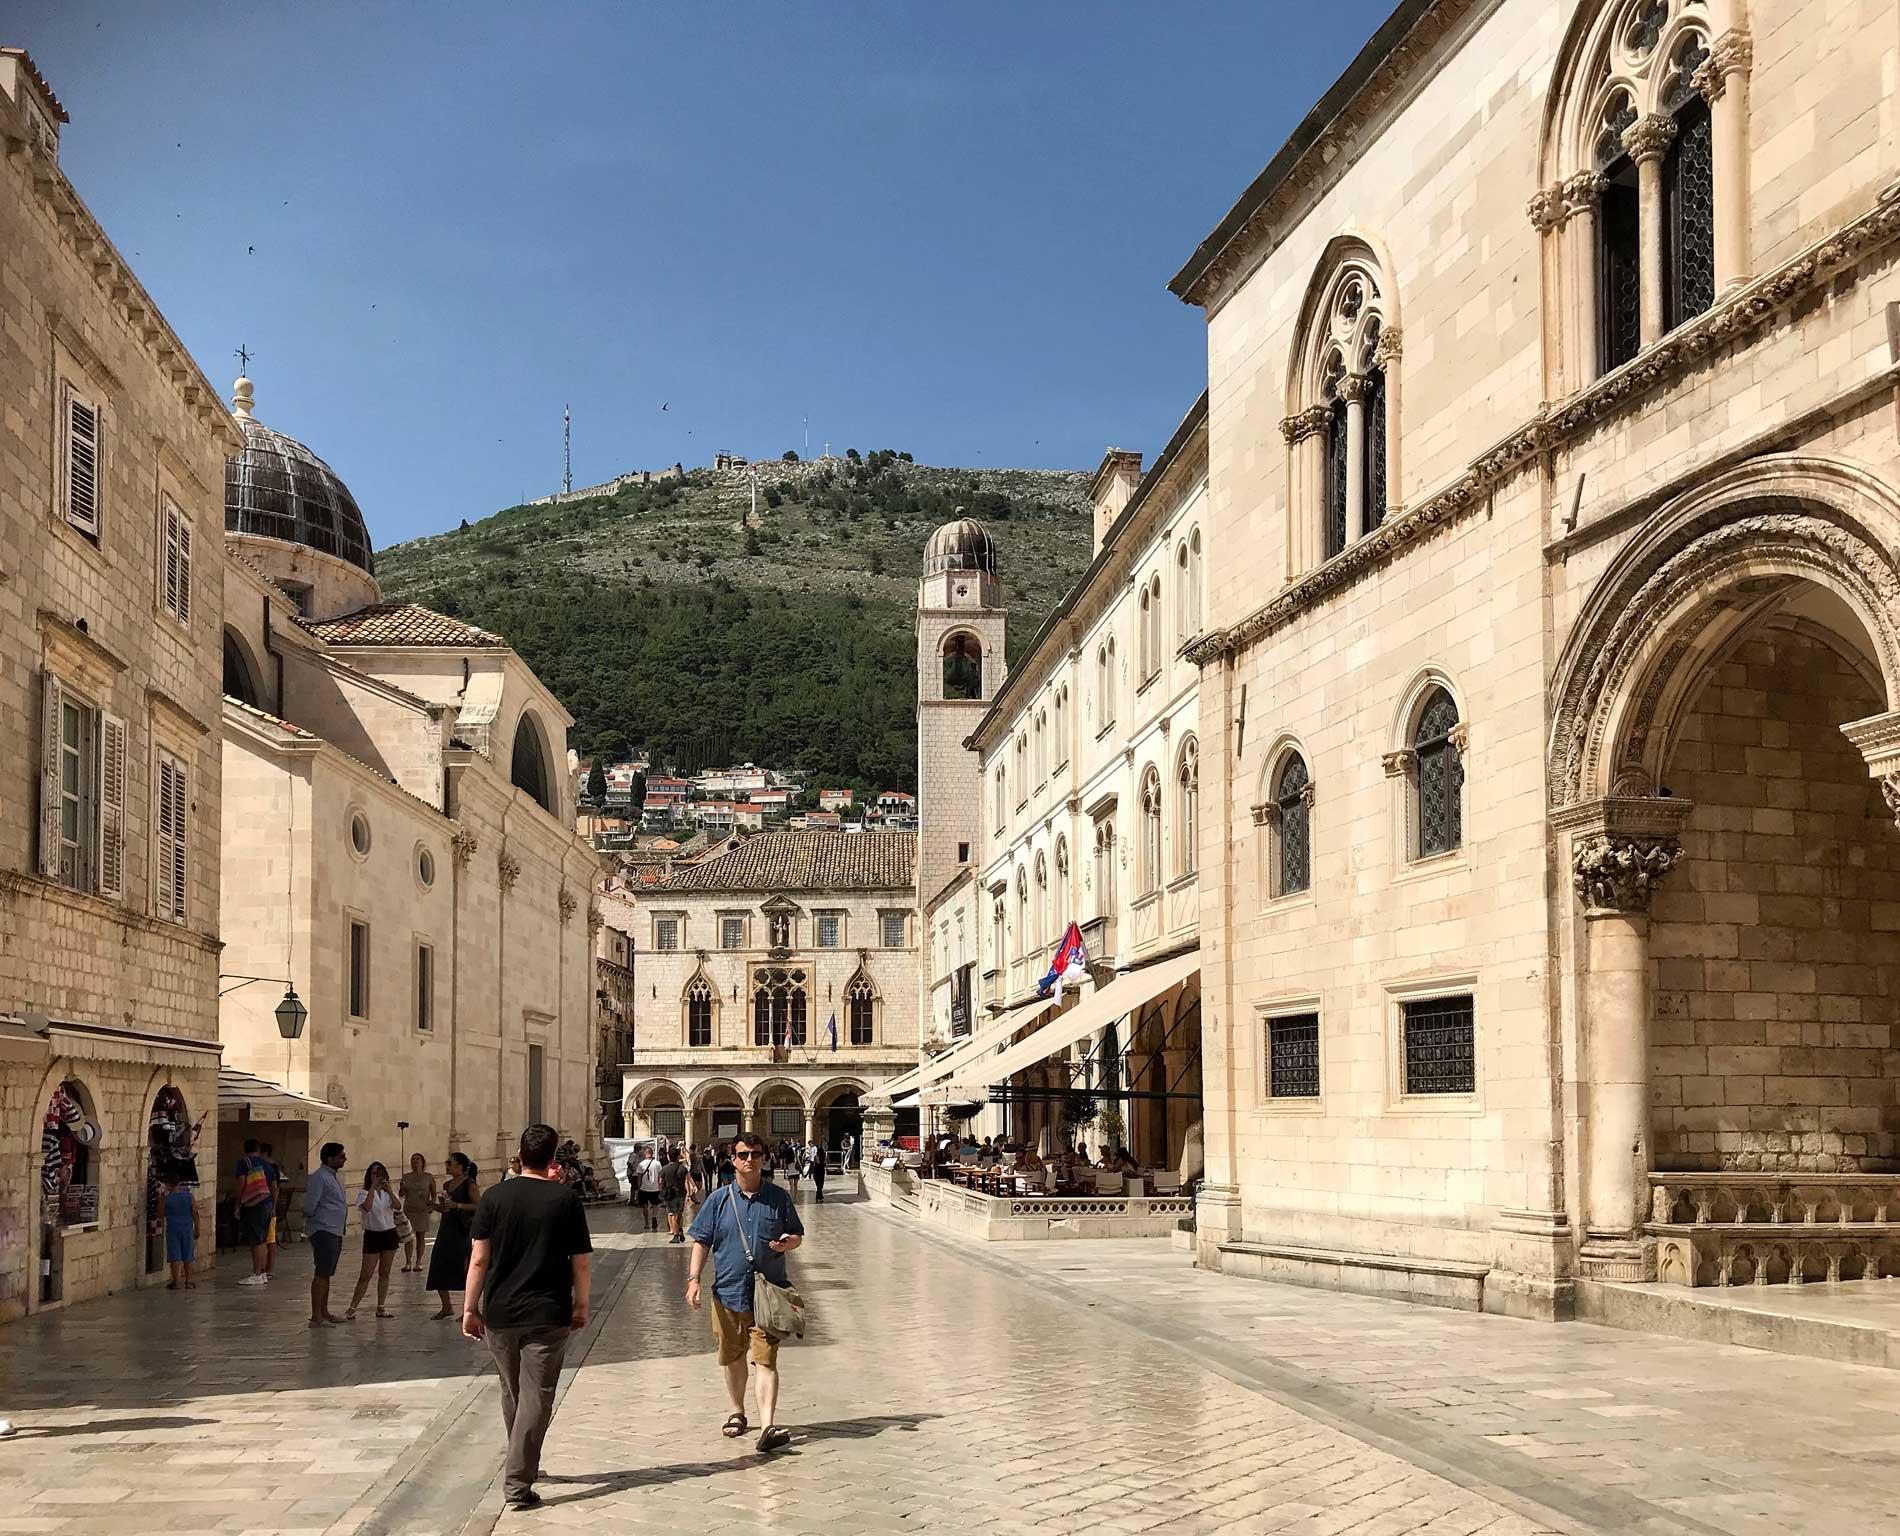 Dubrovnik-Croazia-panorama-dalla-Cattedrale-palazzo-dei-rettori